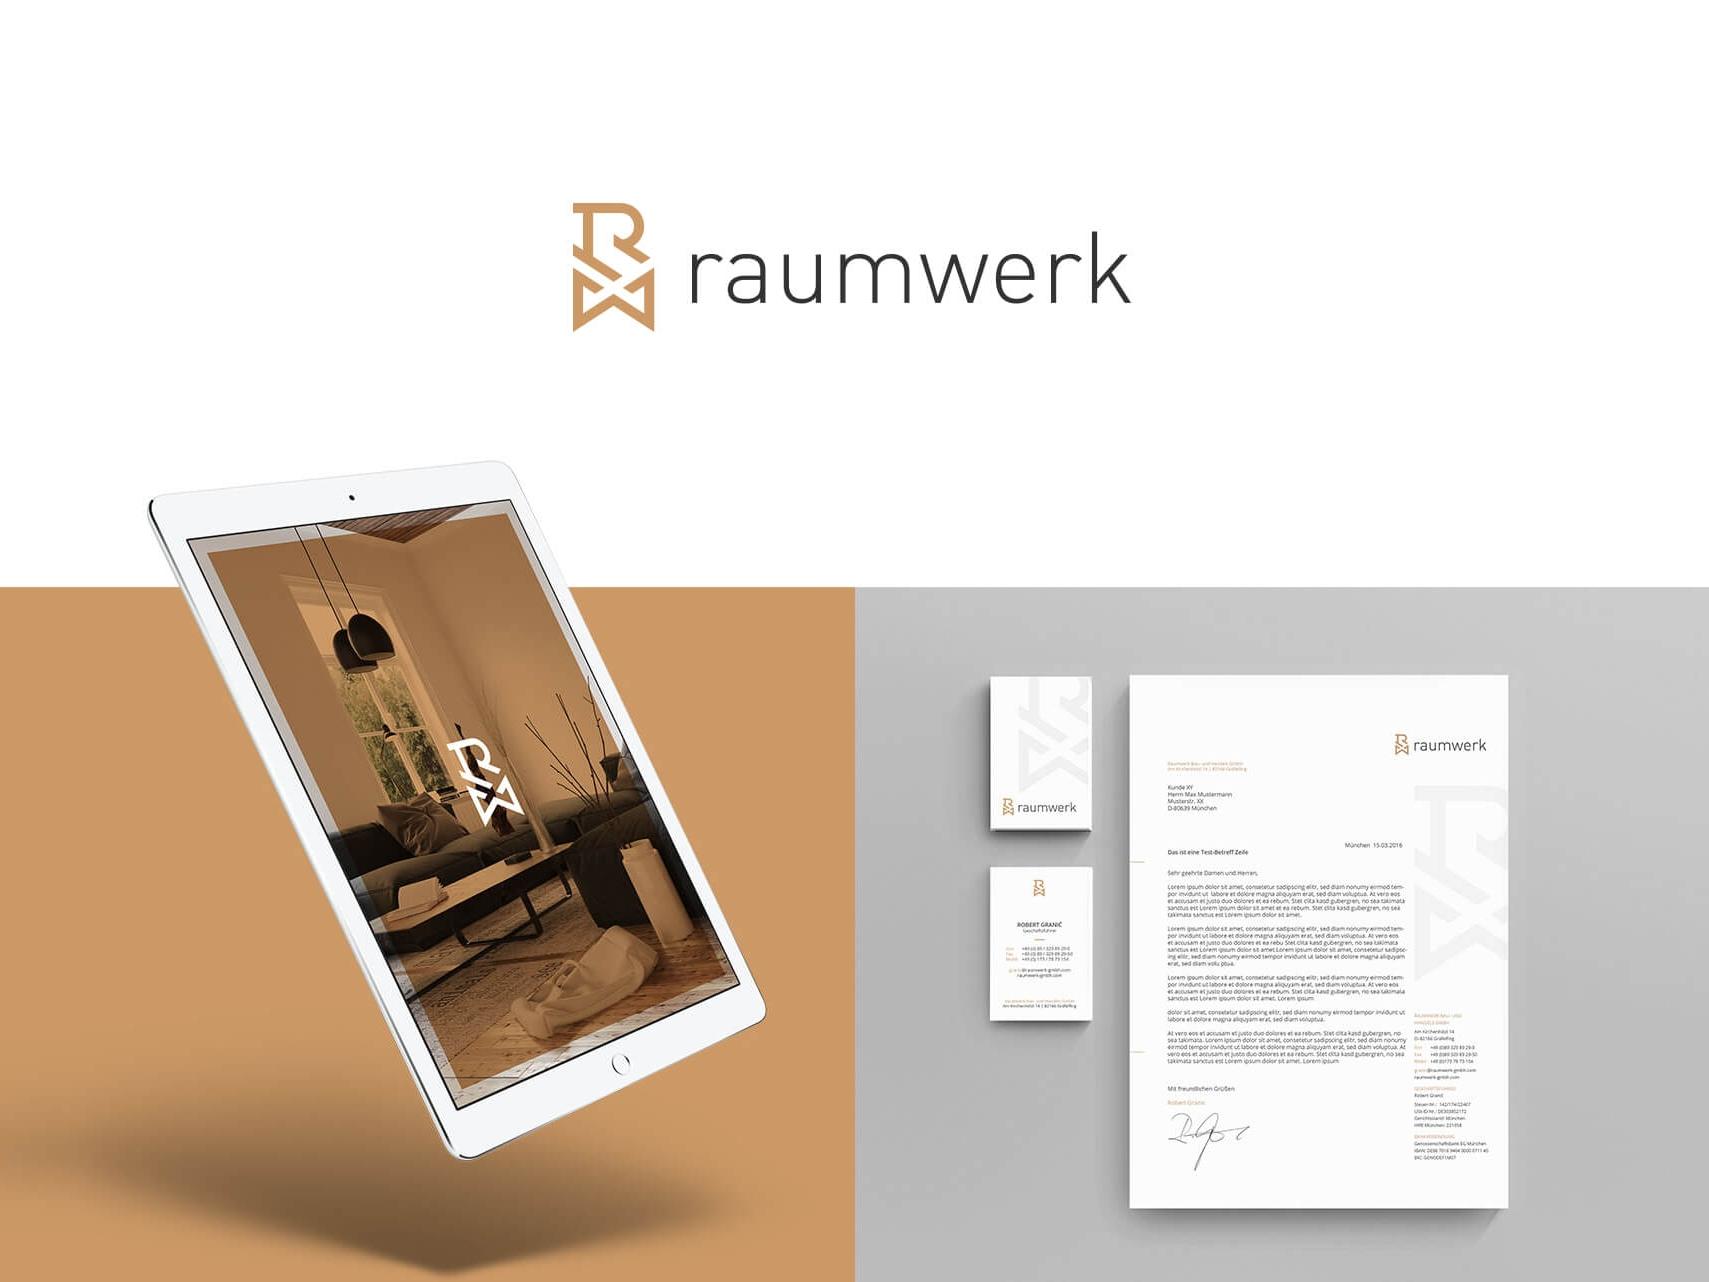 Raumwerk Projektentwicklung Geschaeftsausstattung Logodesign Corporate Design